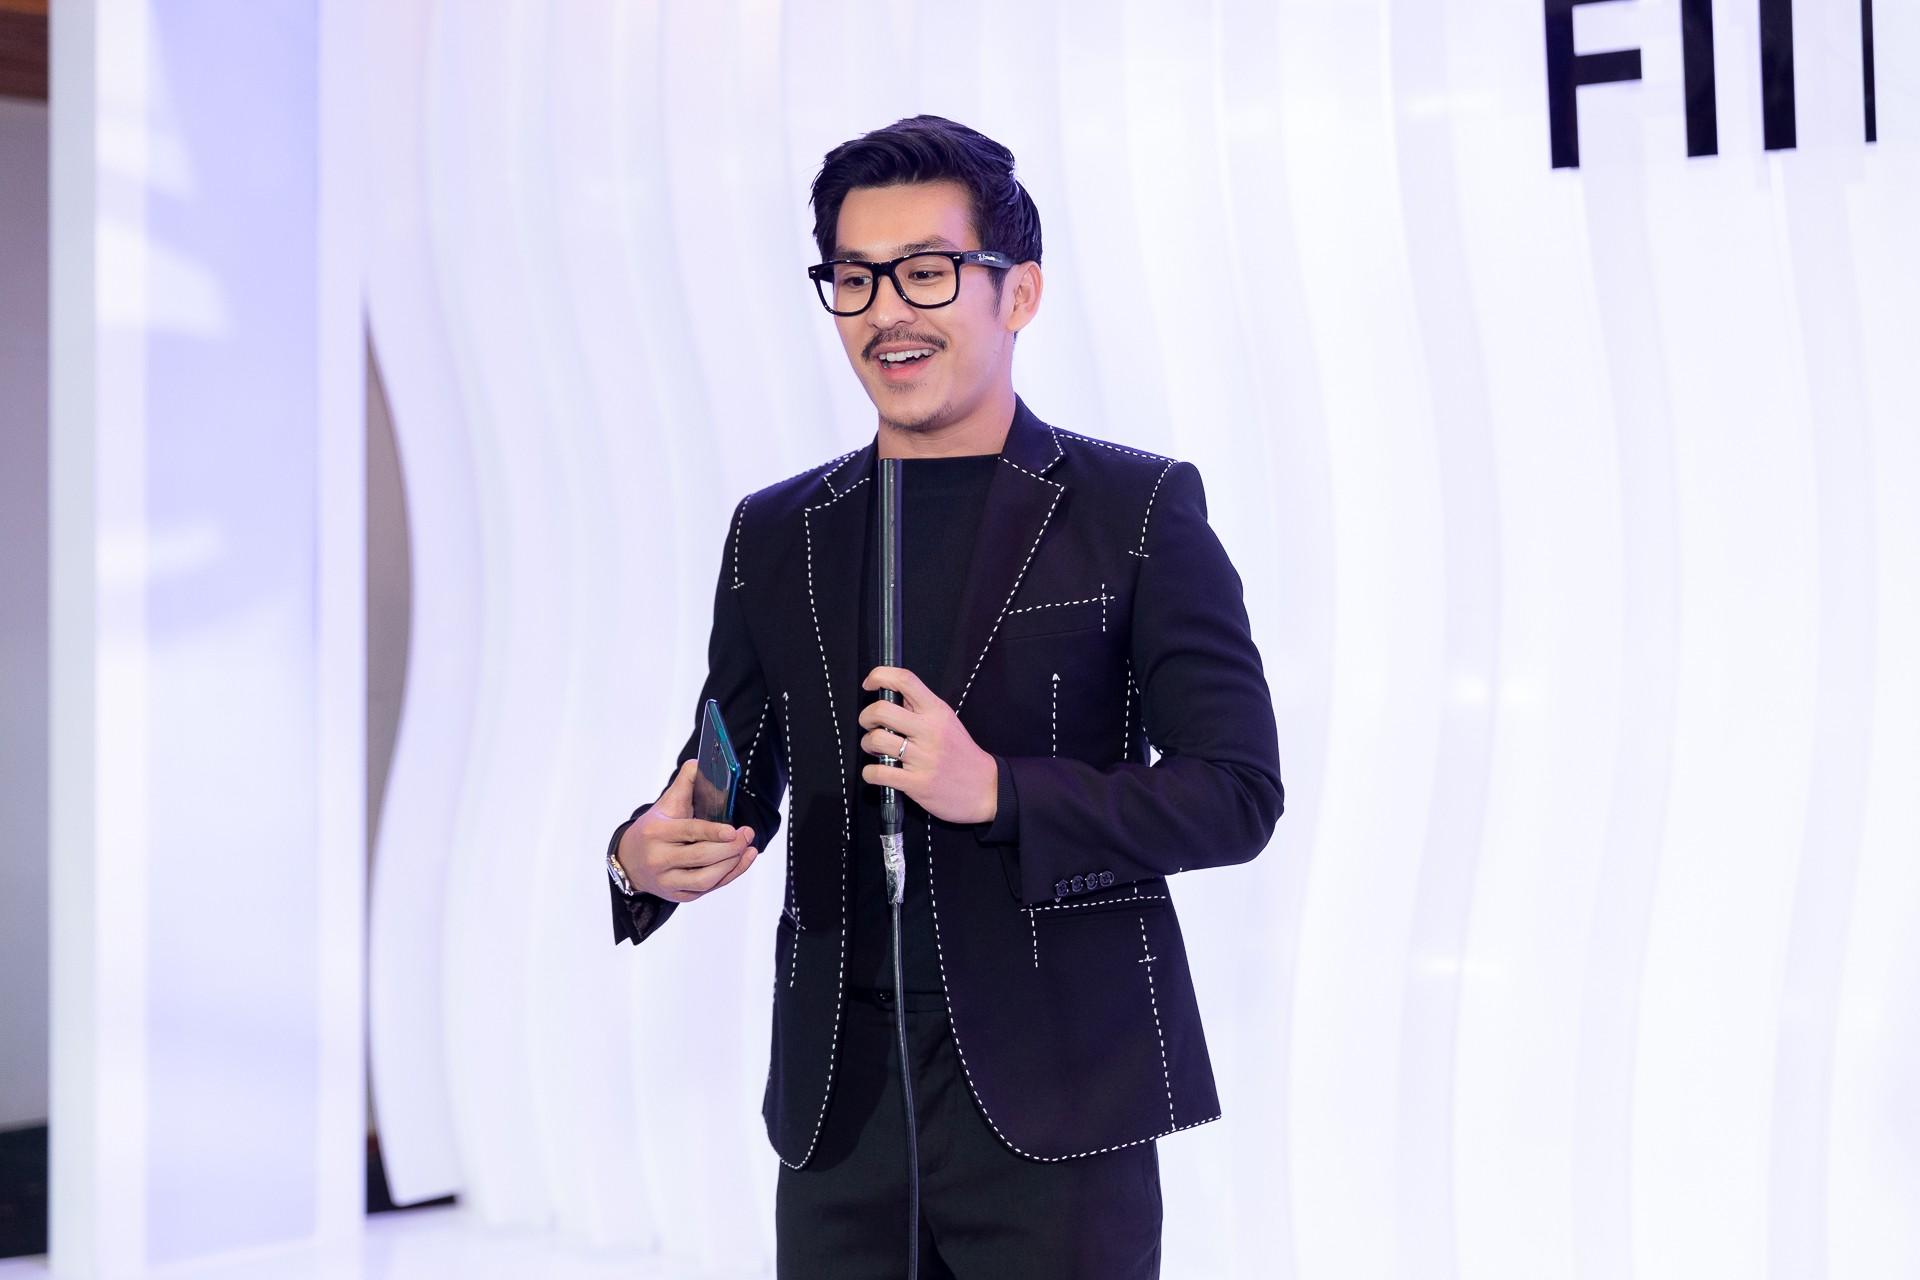 Hoa hậu Hương Giang hờ hững khoe vòng 1 gợi cảm, rapper Đen Vâu cực ngầu hội ngộ dàn sao Việt - Ảnh 12.